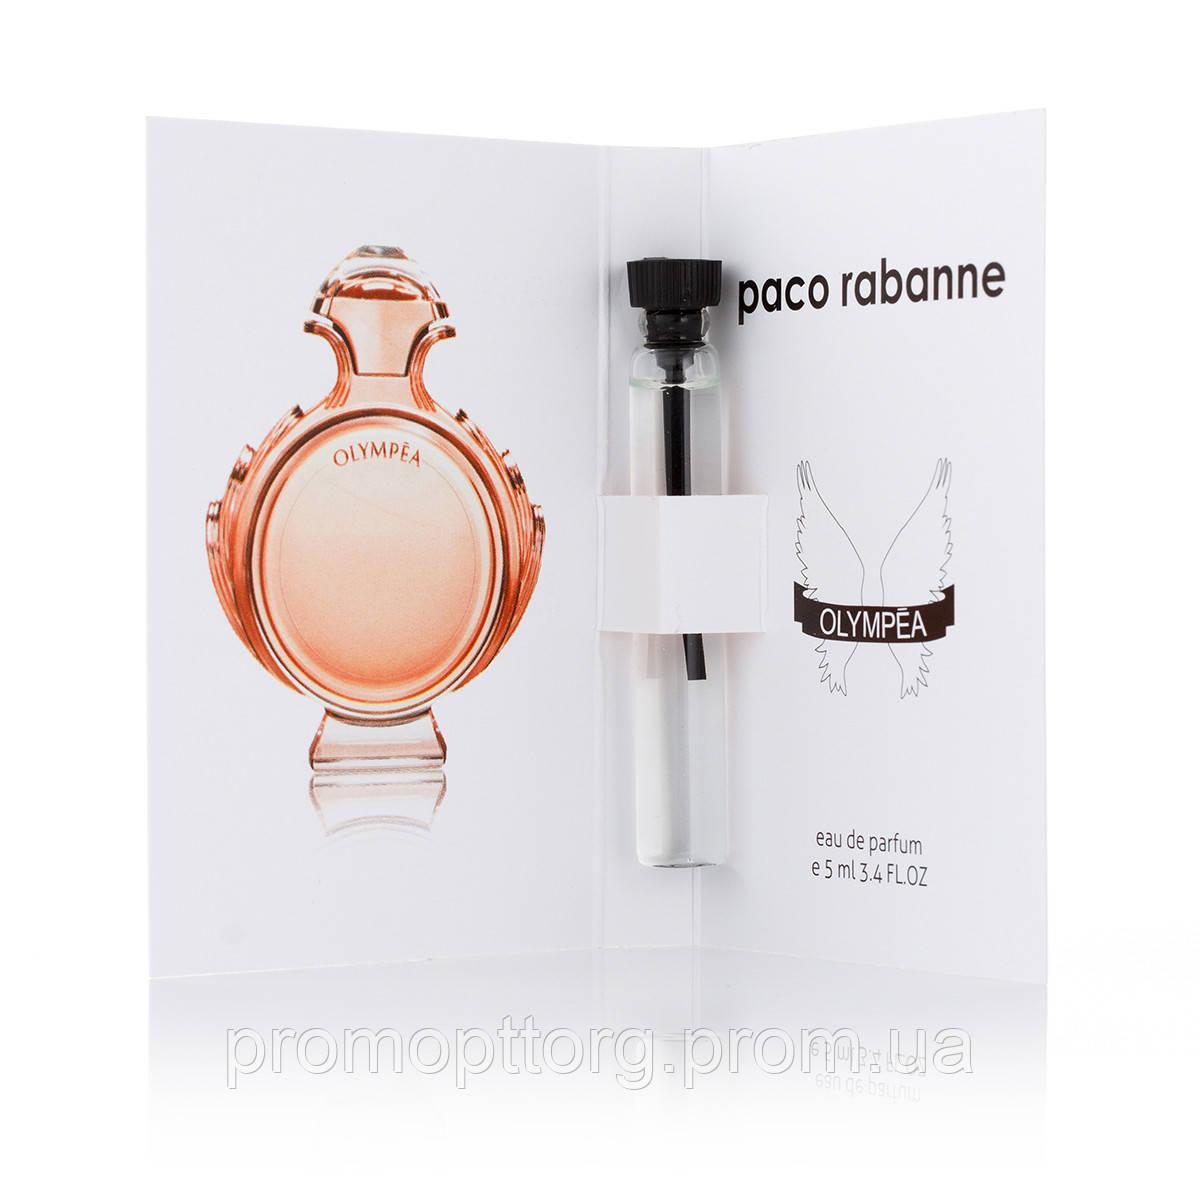 Paco Rabanne Olympea женский парфюм пробник 5 ml (реплика)